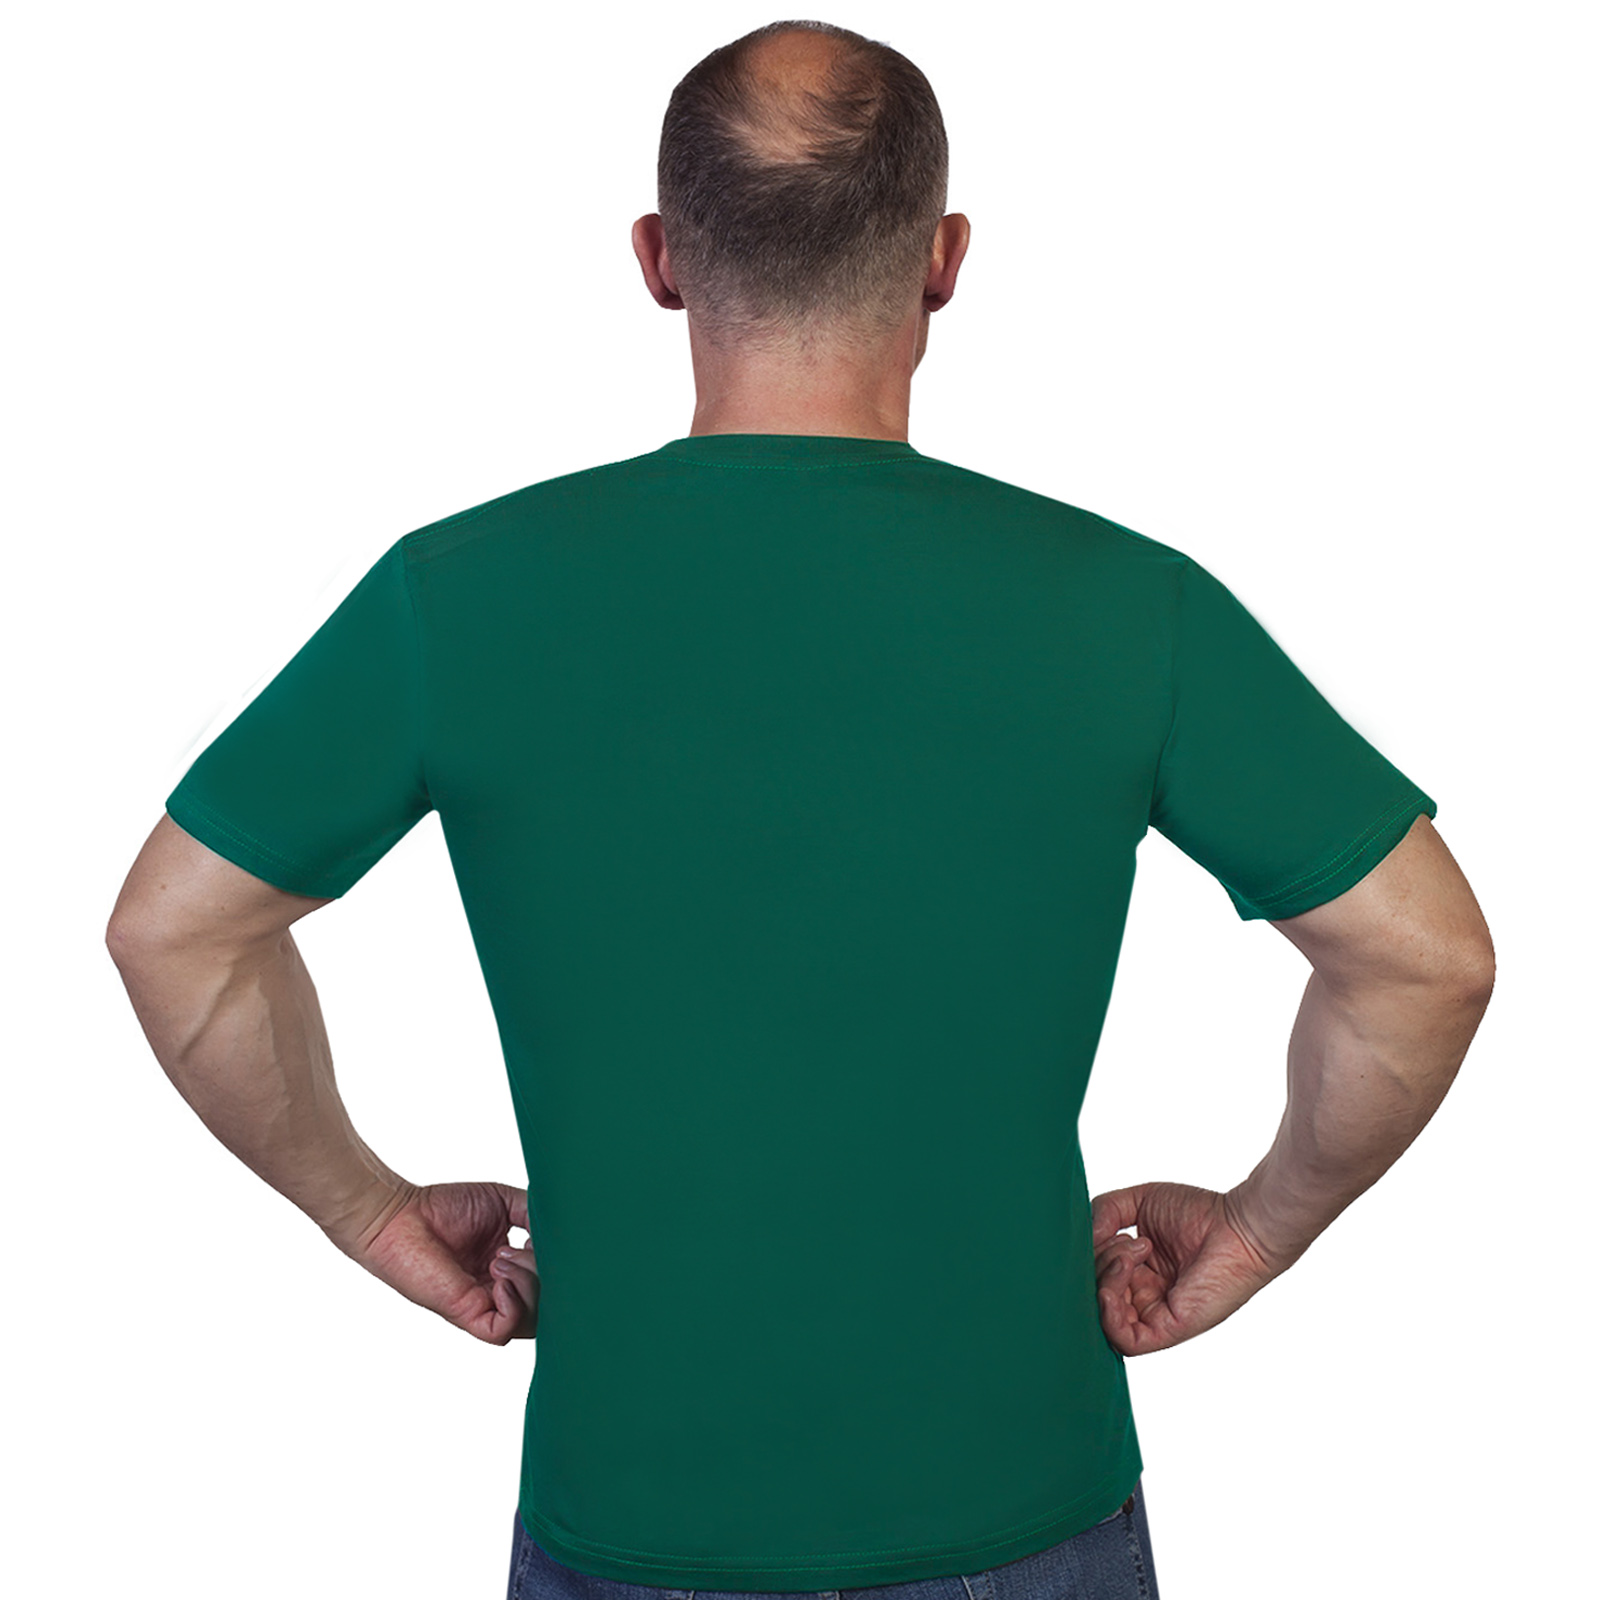 Зелёная футболка с шевроном Биробиджанского ПогО - отменное качество